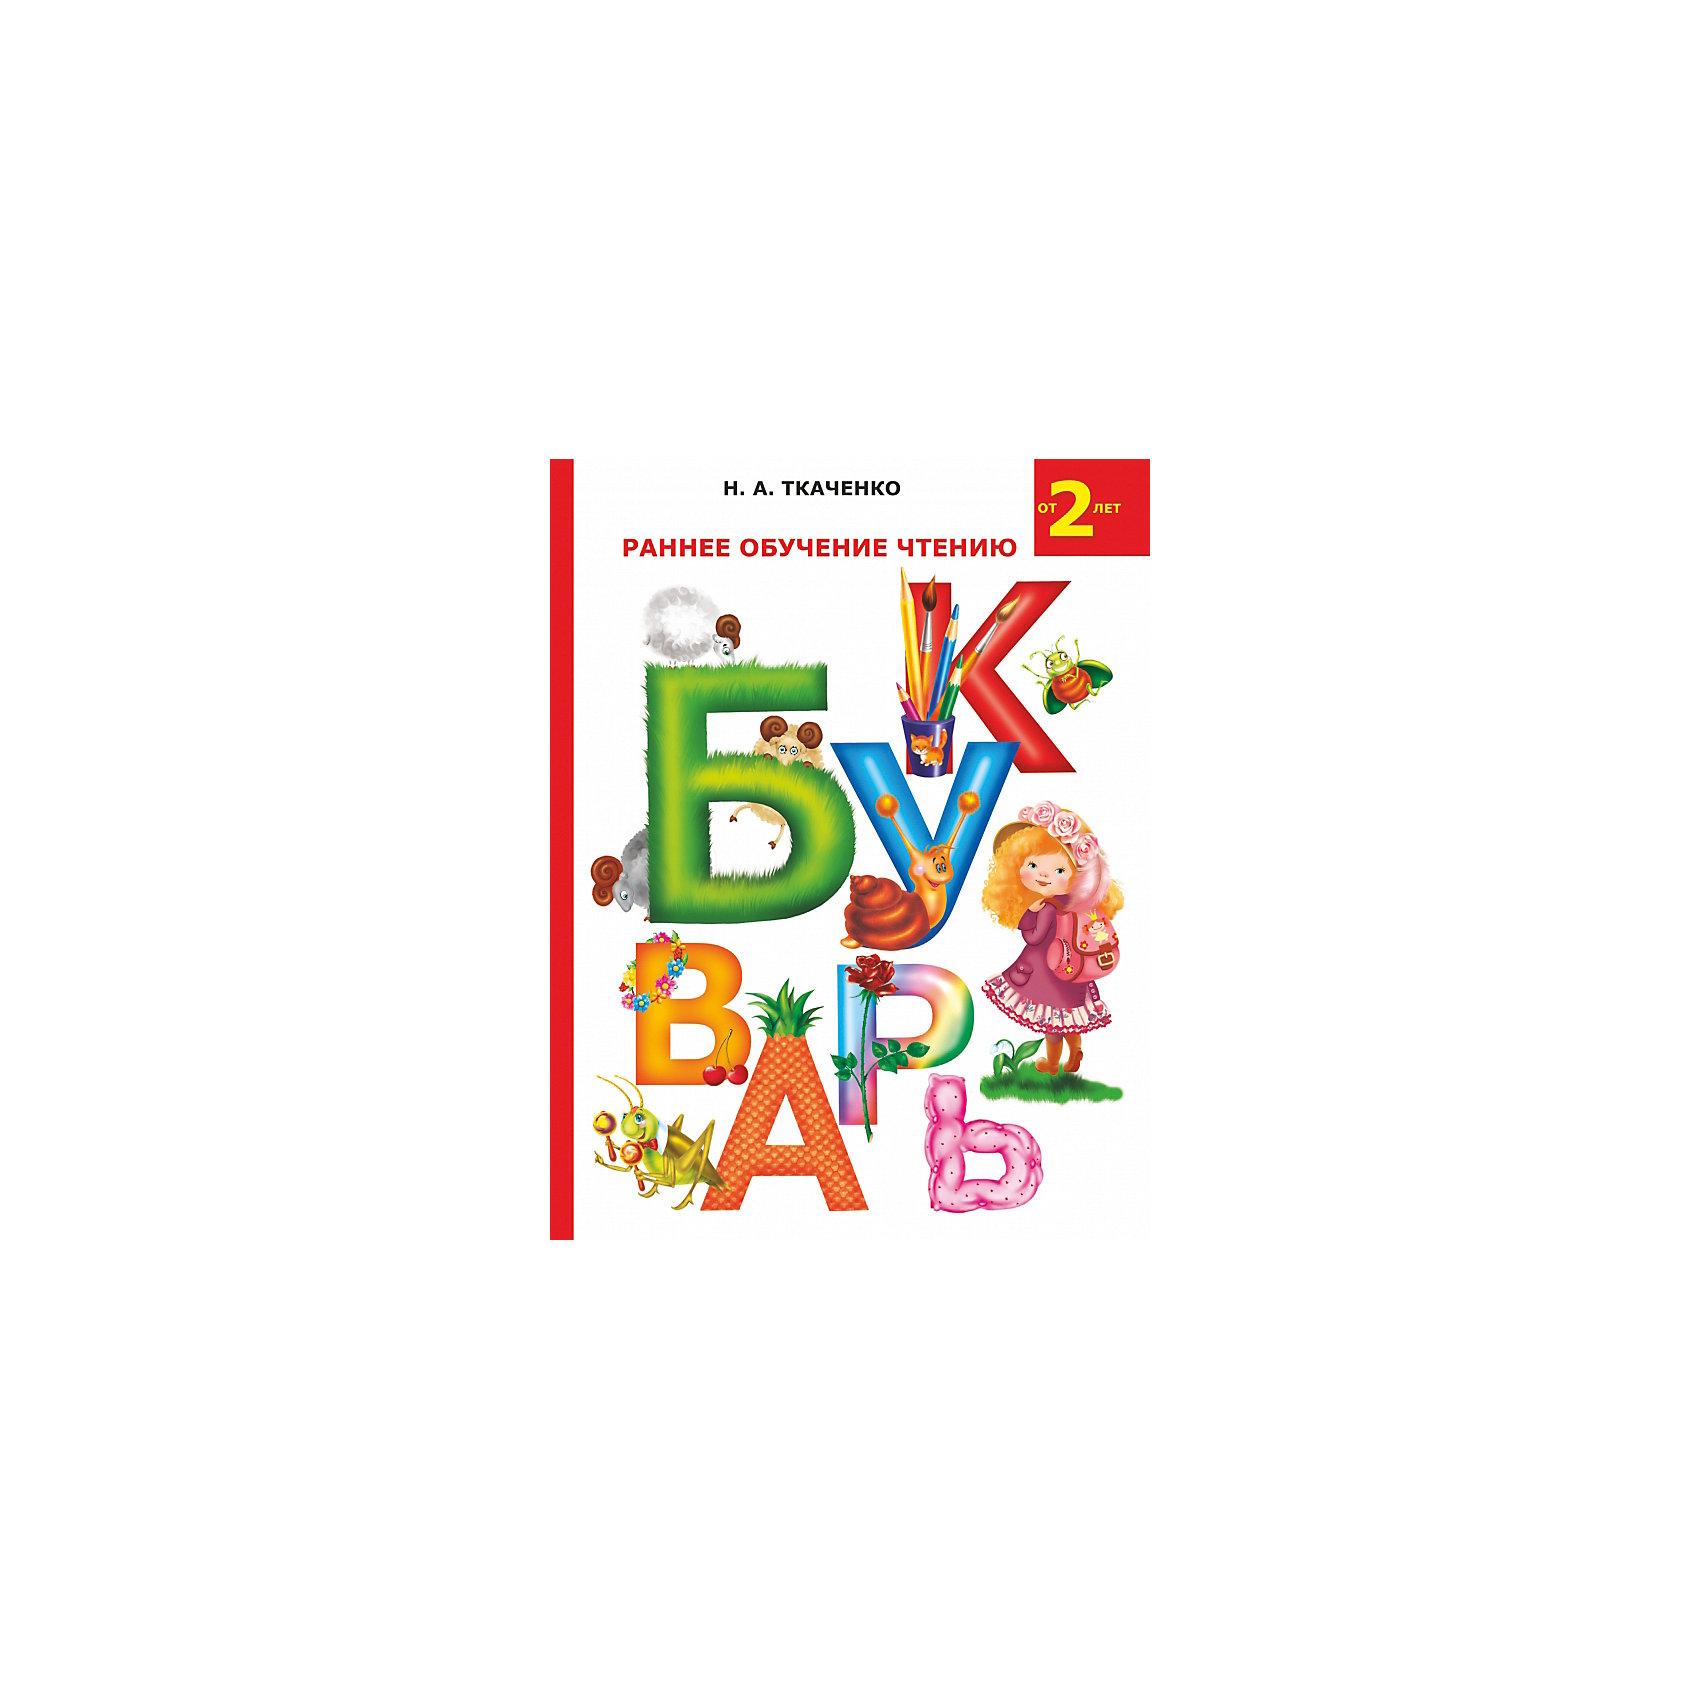 Раннее обучение чтению. БукварьМАЛЫШ<br>Книга «Раннее обучение чтению. Букварь» составлена и разработана Н.А. Ткаченко и рассчитана на обучение чтению с двух лет. Благодаря ярким картинкам и наводящим вопросам учиться читать по слогам так просто! В букваре много маленьких стихотворений для чтения на все буквы алфавита – это позволит не только научиться читать, но и развить дикцию.Теперь малышу не нужно будет просить взрослых читать сказку, теперь он уже сам сможет все прочитать.<br>- год выпуска: 2016<br>- количество страниц: 80<br>- формат: 26,5 * 20 * 1 см.<br>- переплет: твердый<br>- вес: 390 гр.<br><br>Книгу «Раннее обучение чтению. Букварь» можно купить в нашем интернет - магазине.<br>Подробнее:<br>• ISBN: 9785170794041<br>• Для детей в возрасте: от 2 до 6 лет<br>• Номер товара: 4902195<br>Страна производитель: Российская Федерация<br><br>Ширина мм: 9<br>Глубина мм: 195<br>Высота мм: 255<br>Вес г: 390<br>Возраст от месяцев: 48<br>Возраст до месяцев: 72<br>Пол: Унисекс<br>Возраст: Детский<br>SKU: 4902195